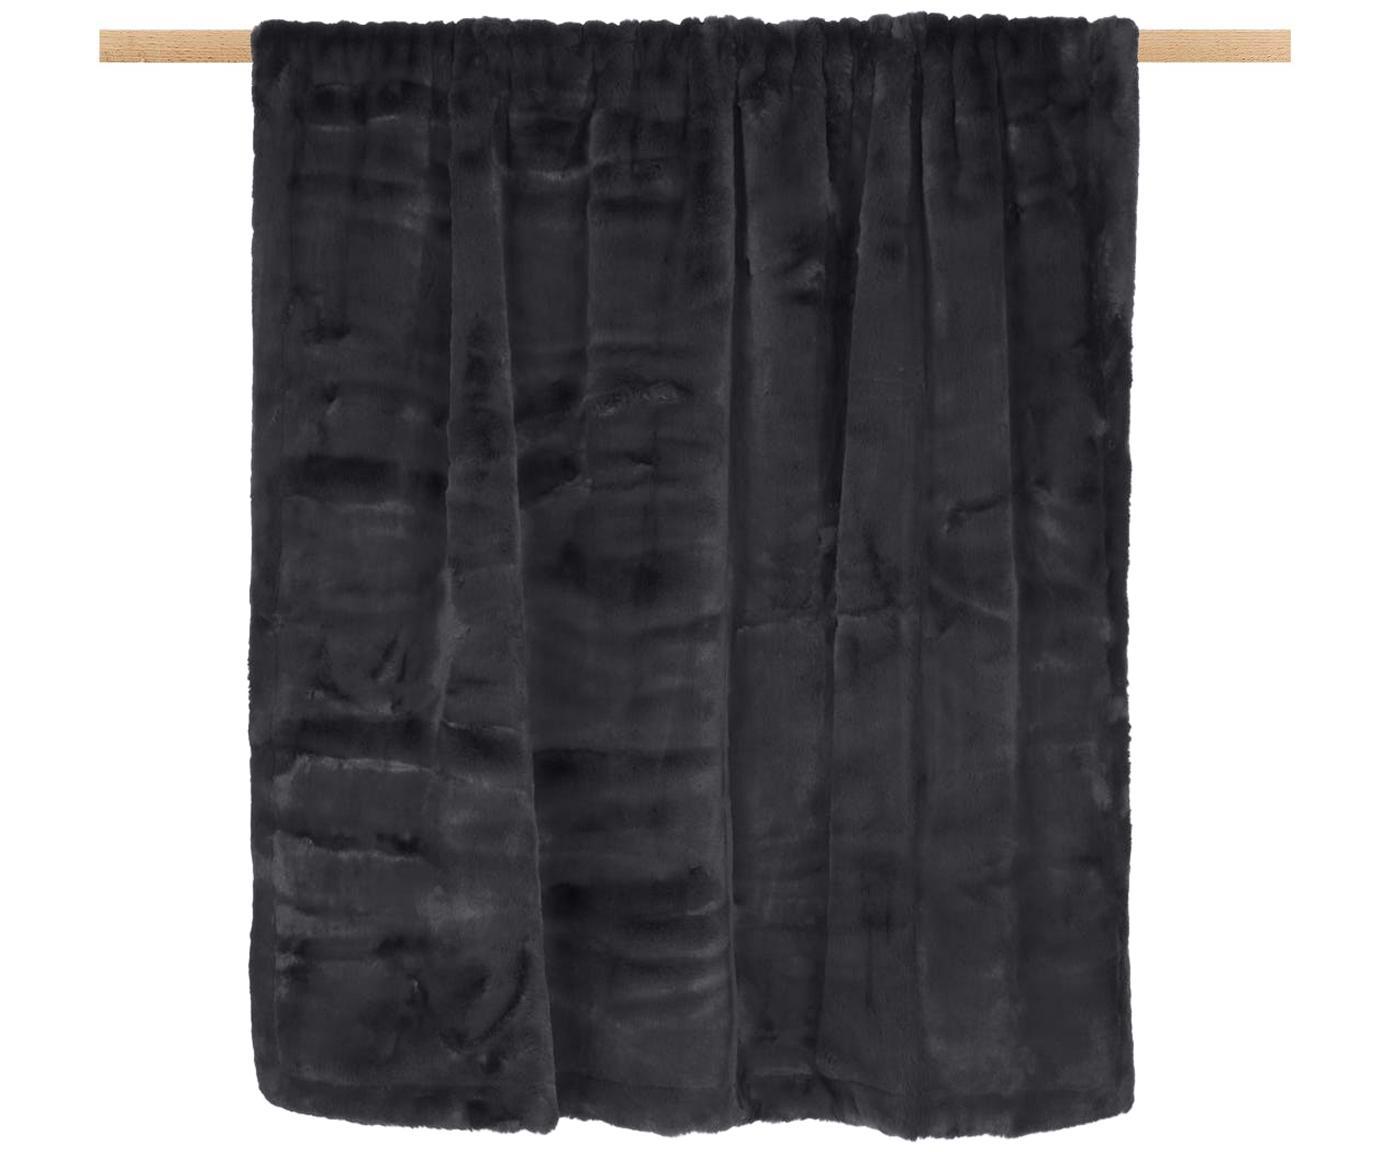 Manta de piel sintética Mette, lisa, Parte superior: 100% poliéster, Parte trasera: 100% poliéster, Gris oscuro, An 150 x L 200 cm